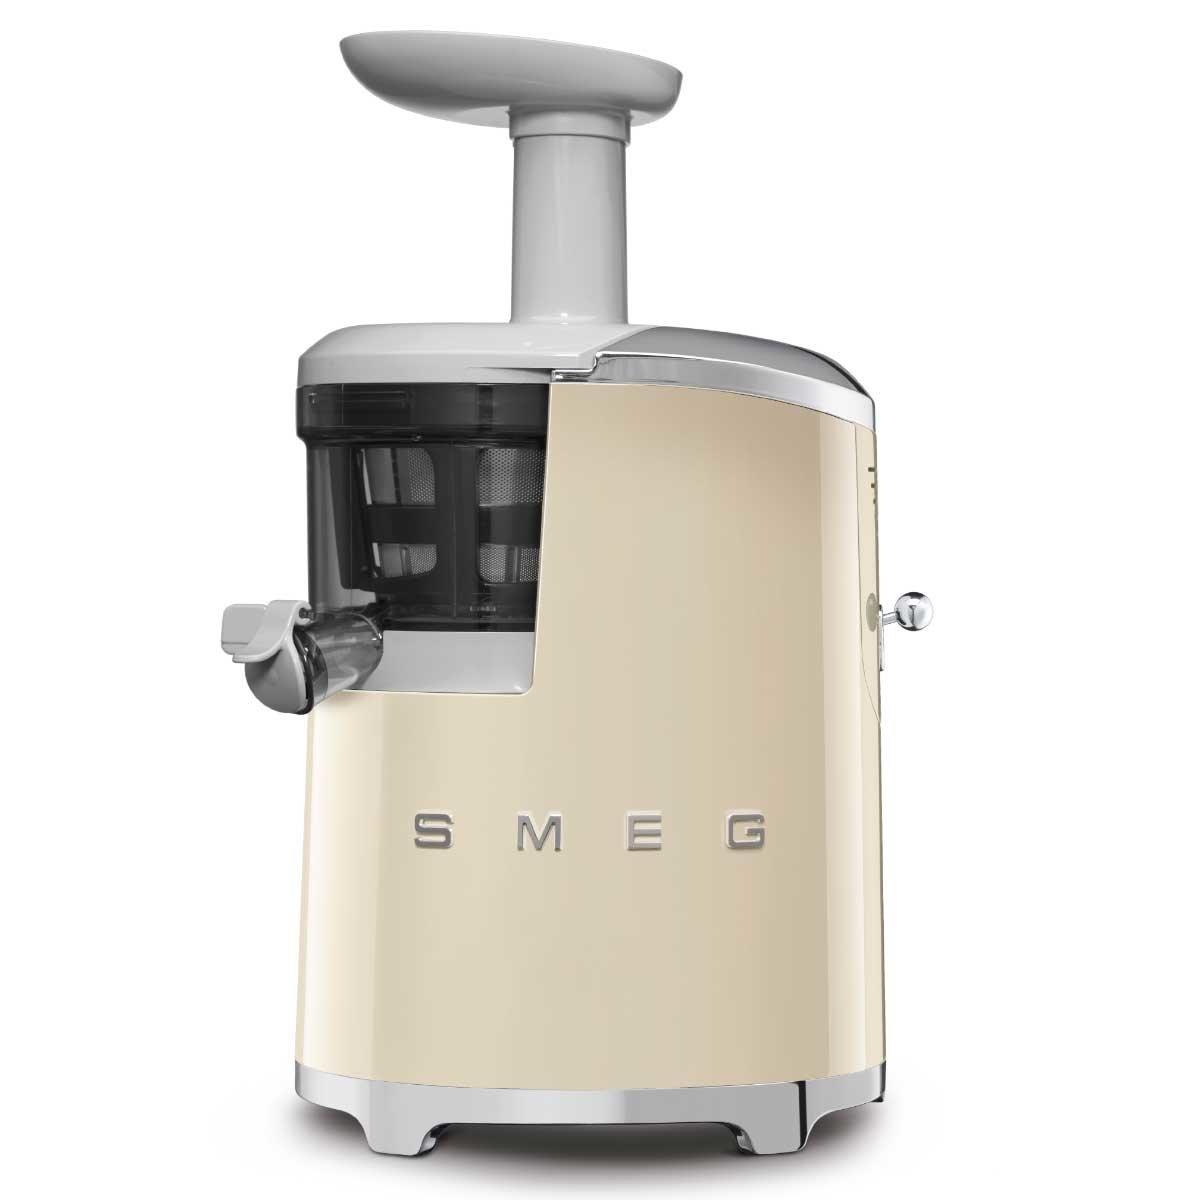 Smeg Retro SMEG Retro 2 Door Refrigerator FAB32 The Herban ...